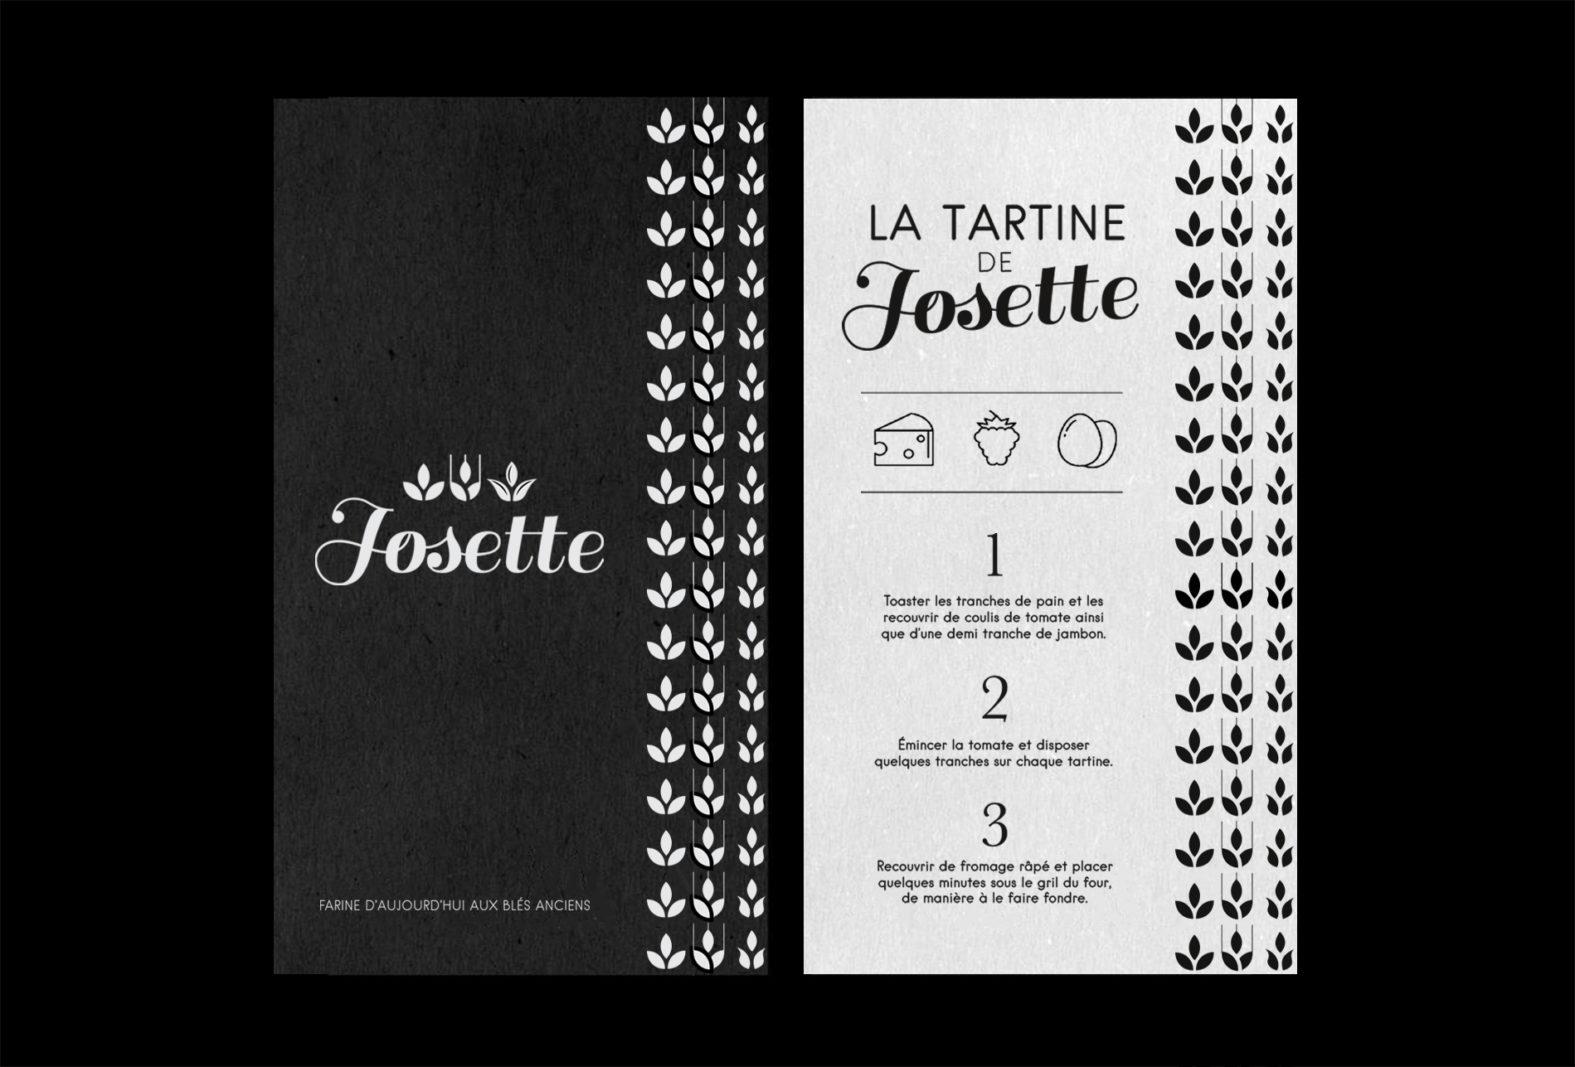 Landeau Création Graphique Josette flyer